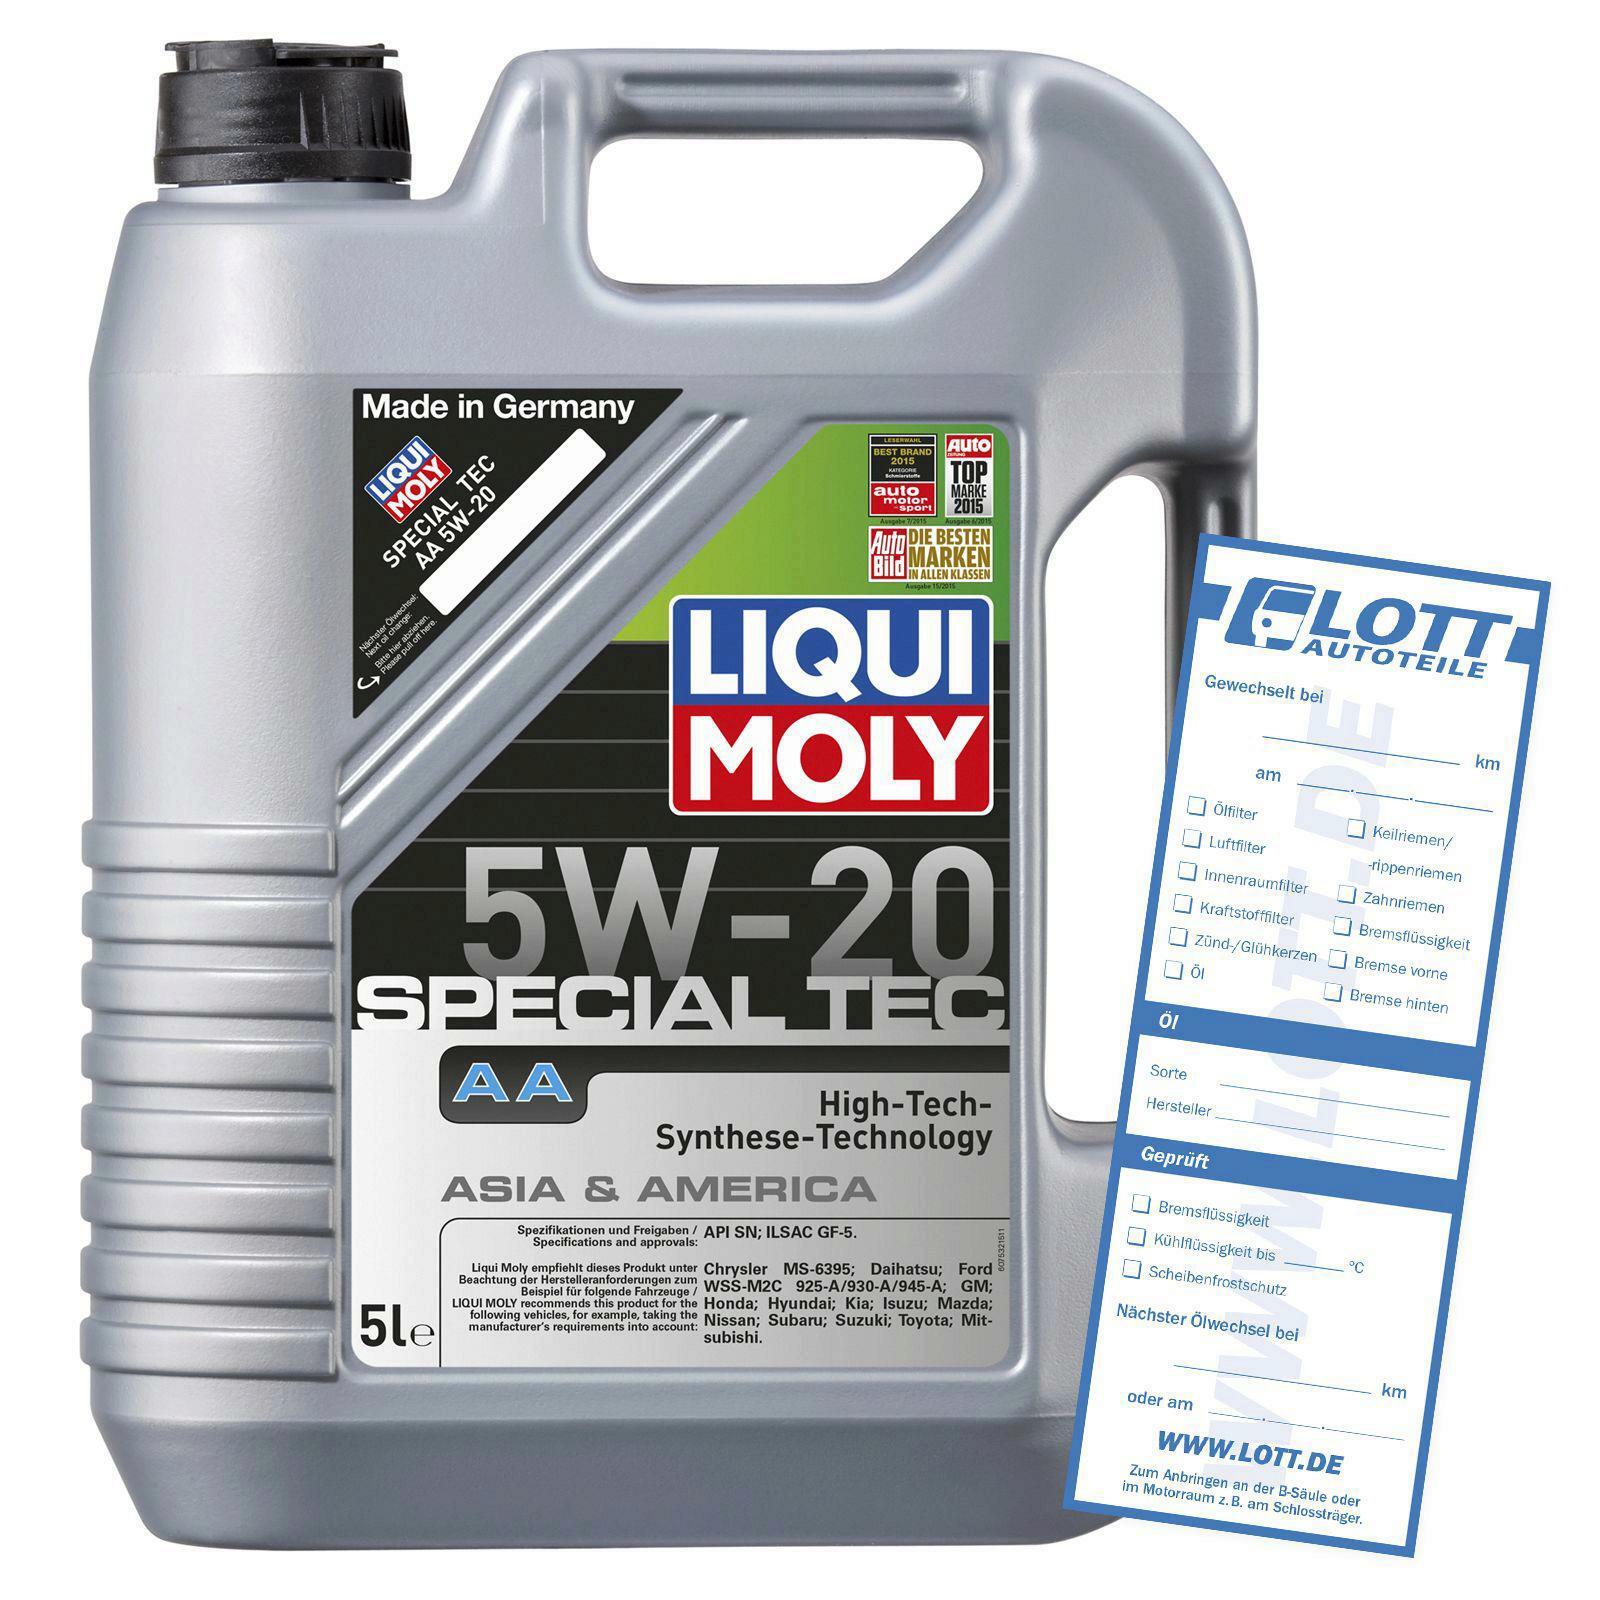 Liqui Moly Special Tec AA 5W-20 5l